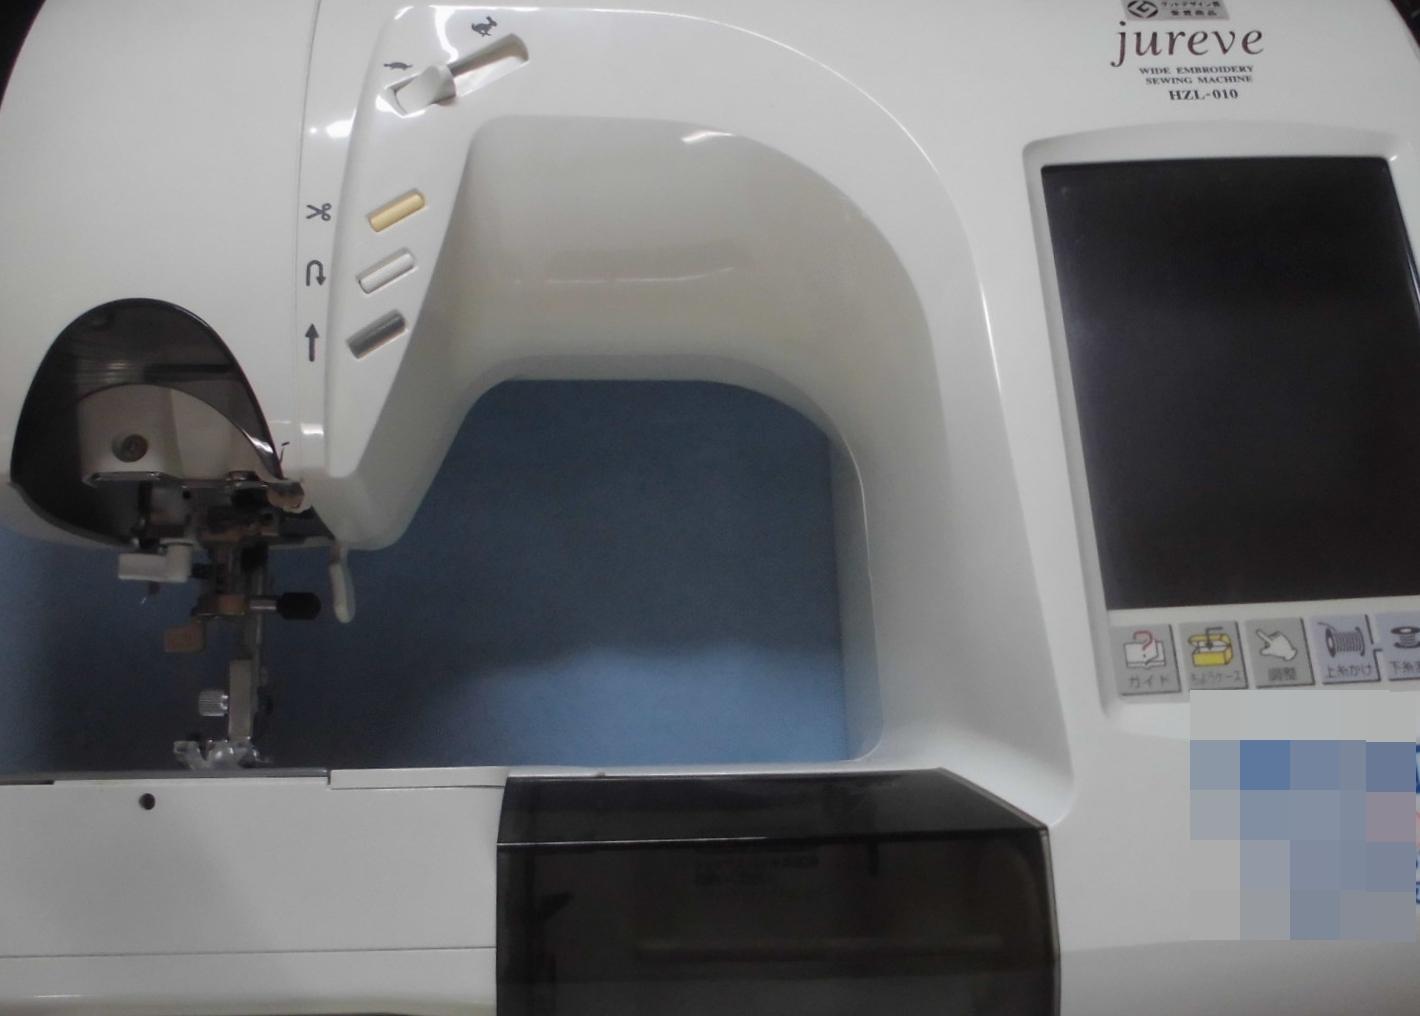 ジューキミシン修理|ジュレーブ|ミシンの速度調節が出来ない(スピードが遅くならない)